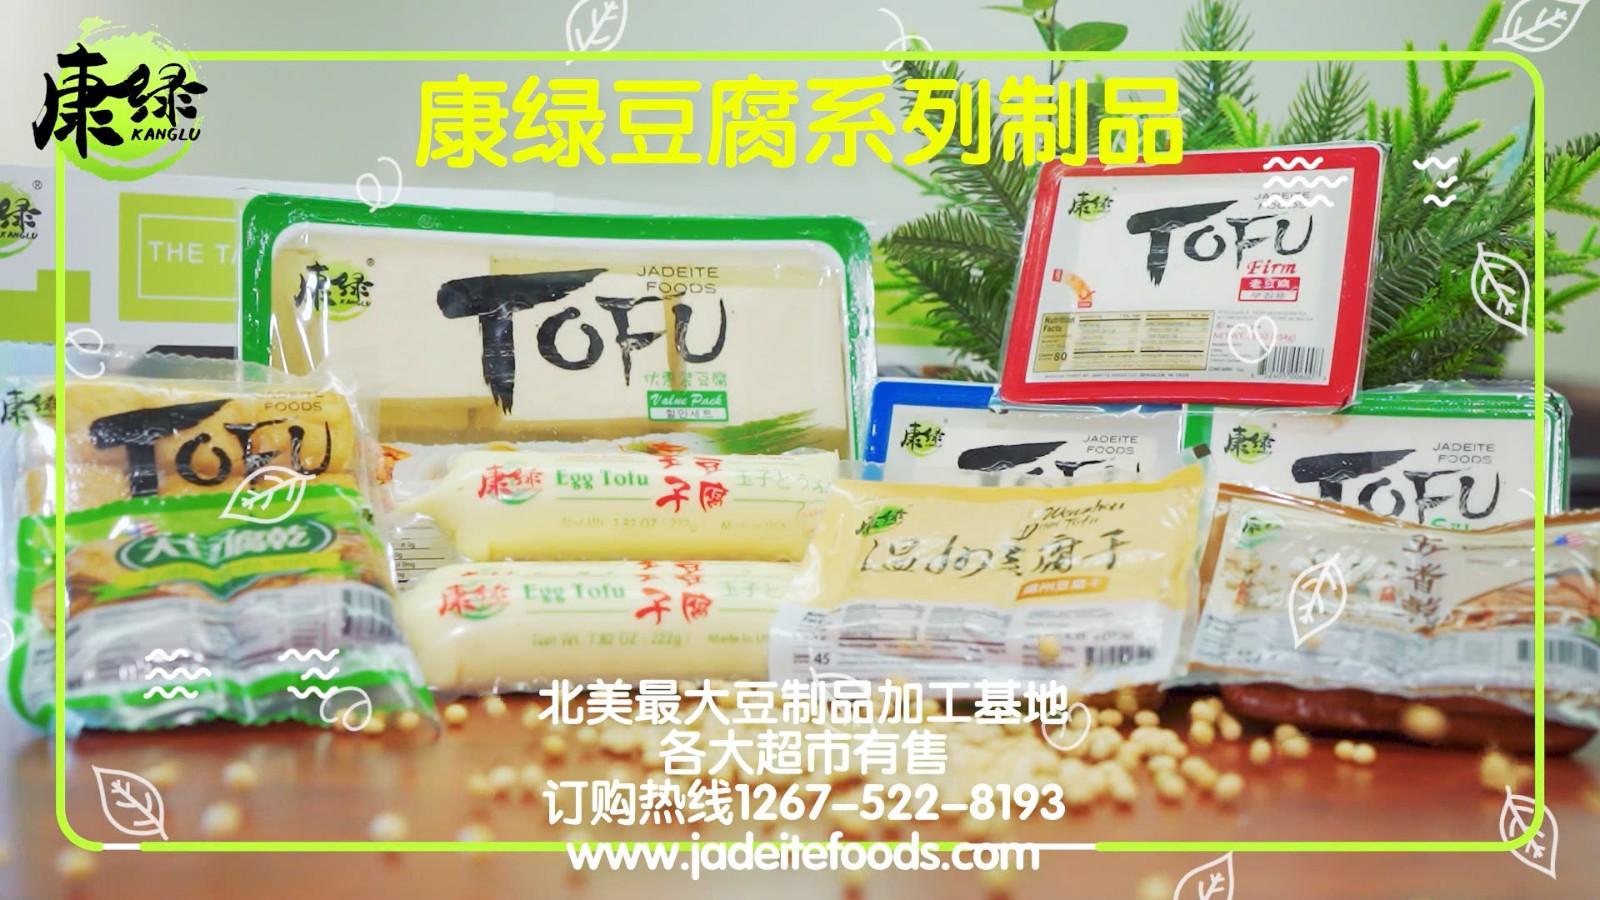 【视频】康绿系列豆腐健康新鲜欢迎订购